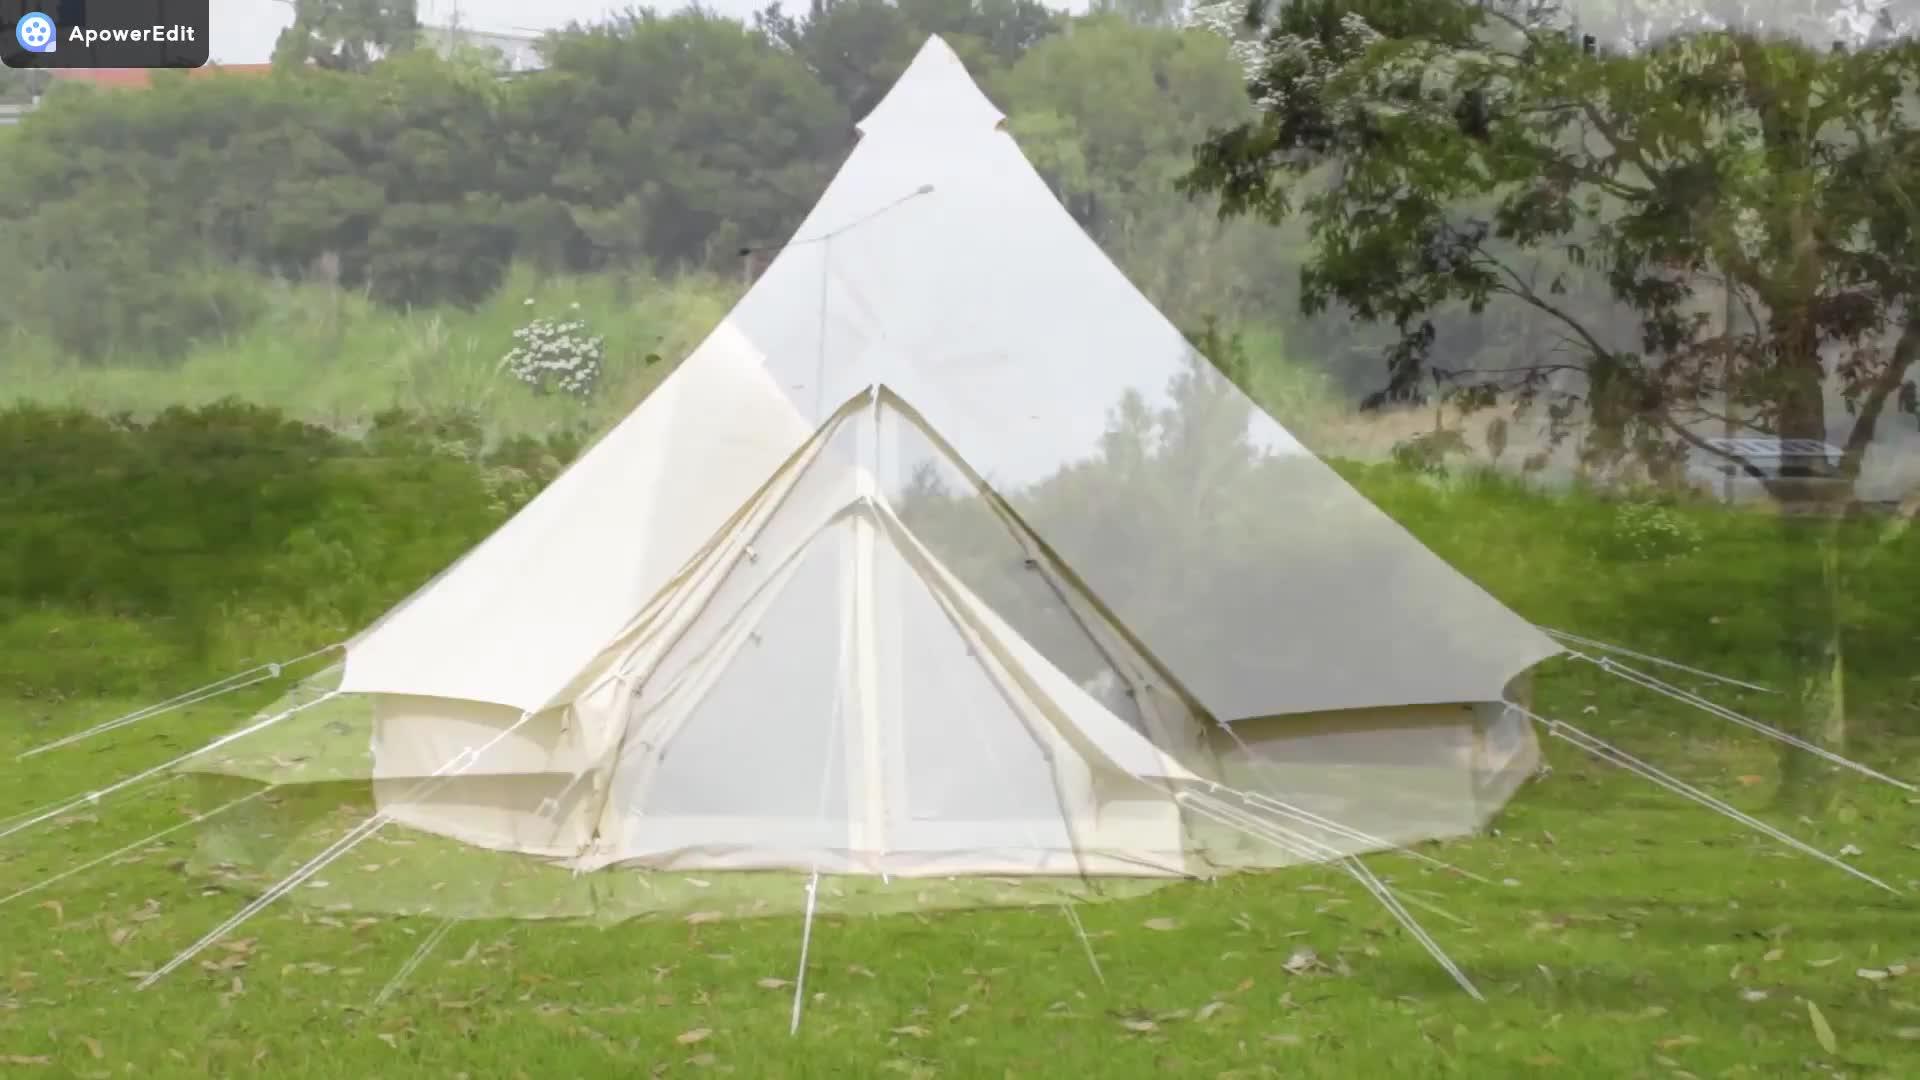 5m Sino Tenda de Lona de Algodão à prova d' água Acampamento Ao Ar Livre Tenda Glamping Tenda Yurt